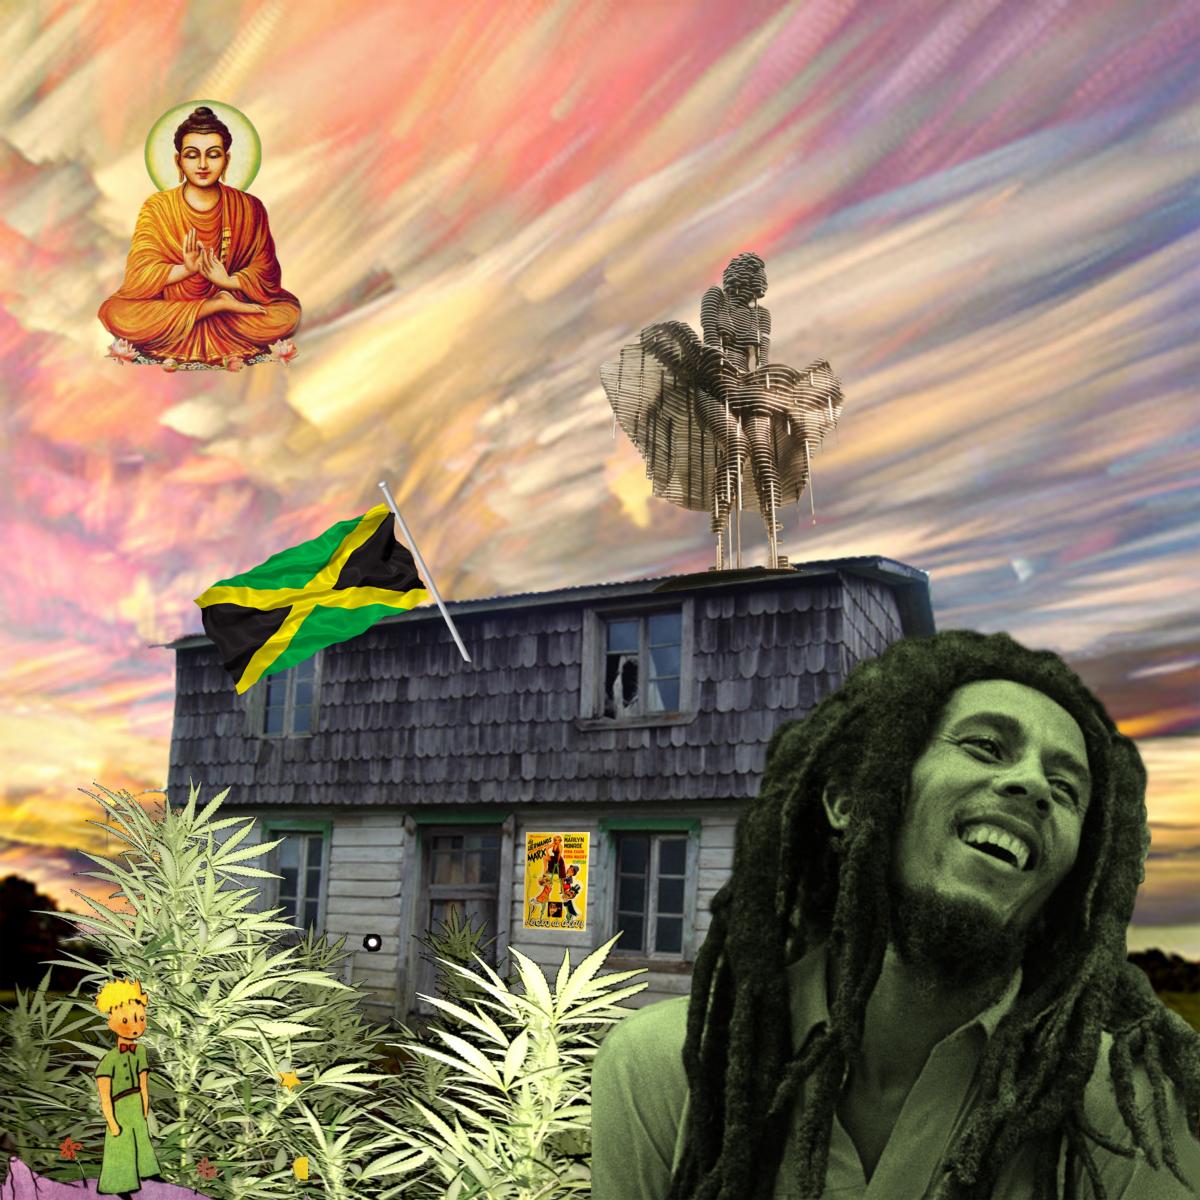 024-Bob-Marley